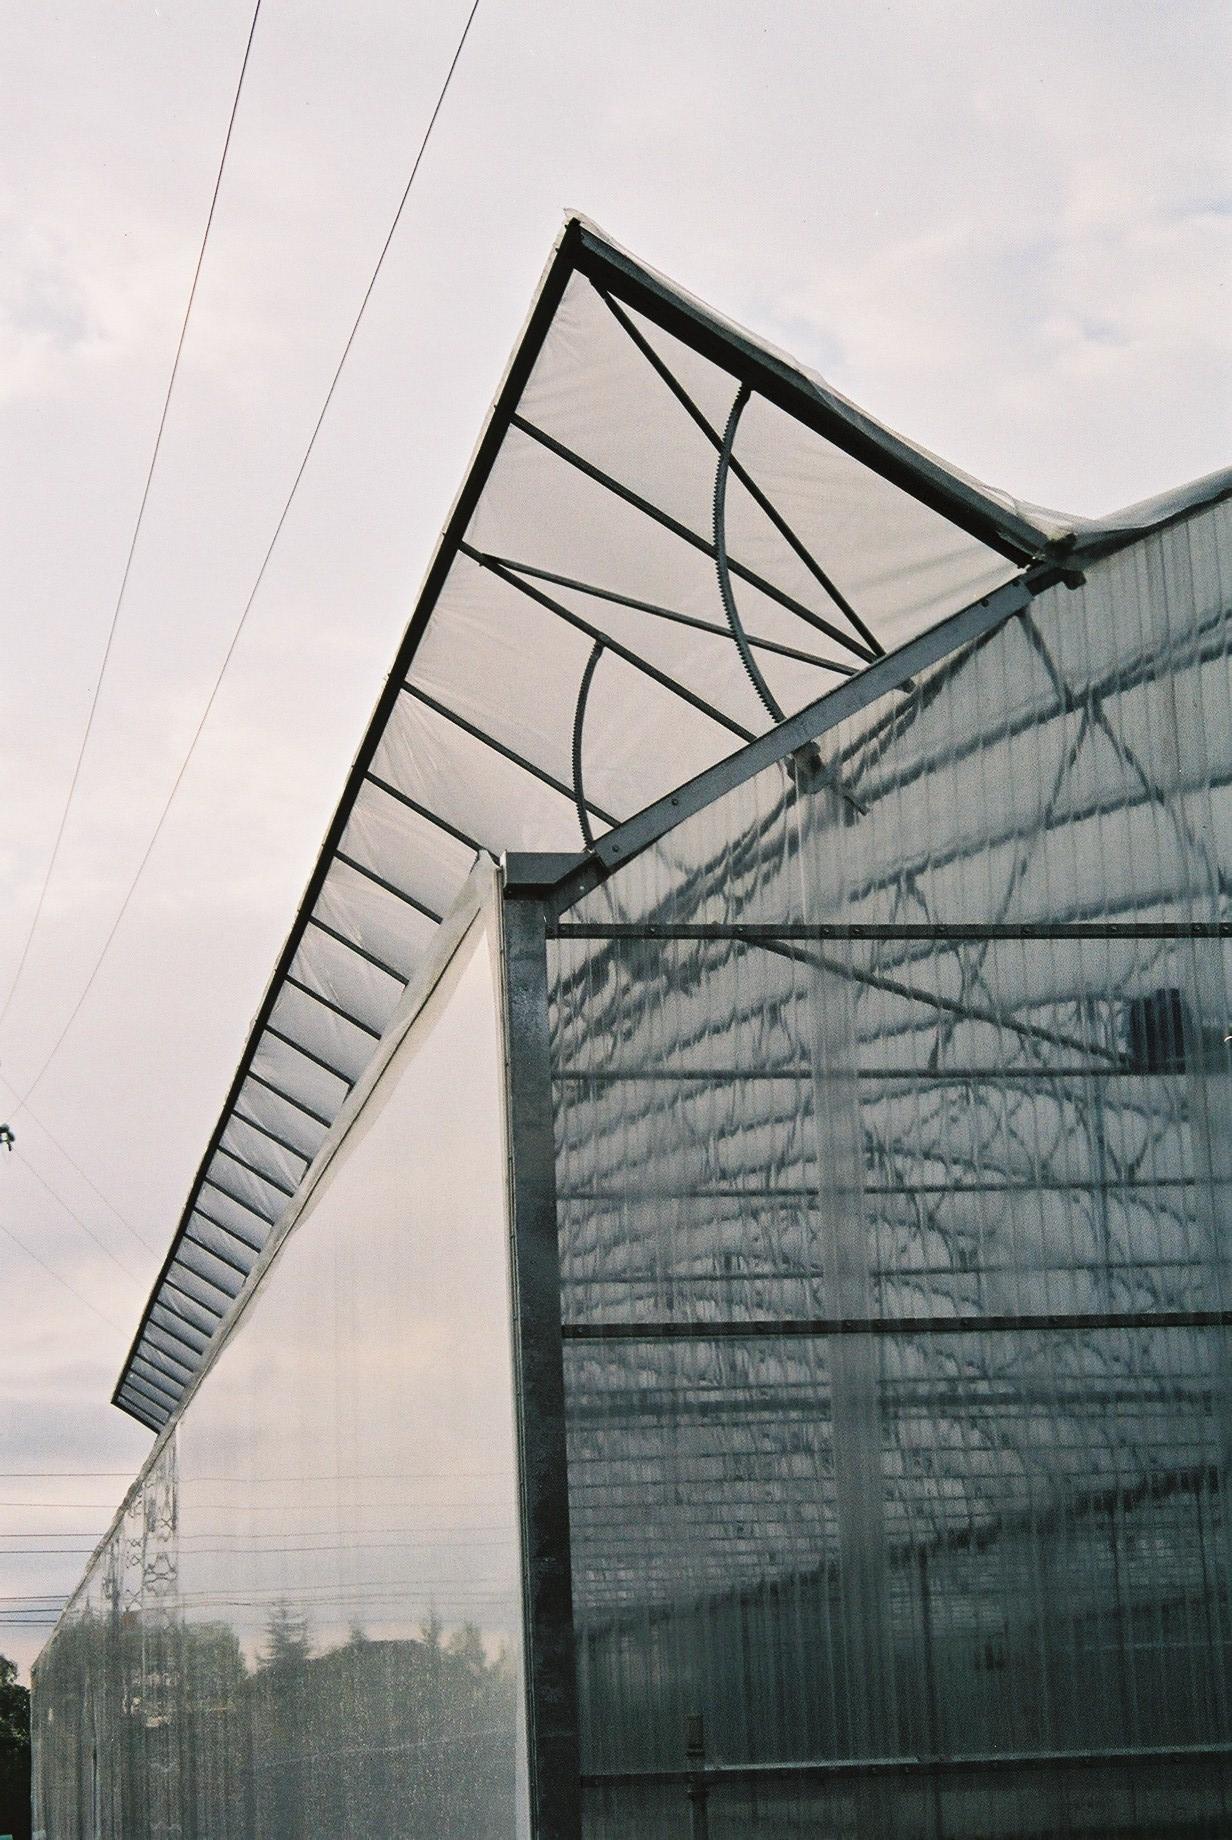 Sere cu deschidere tip rulou la peretii laterali MENATWORK AGRICOL - Poza 9